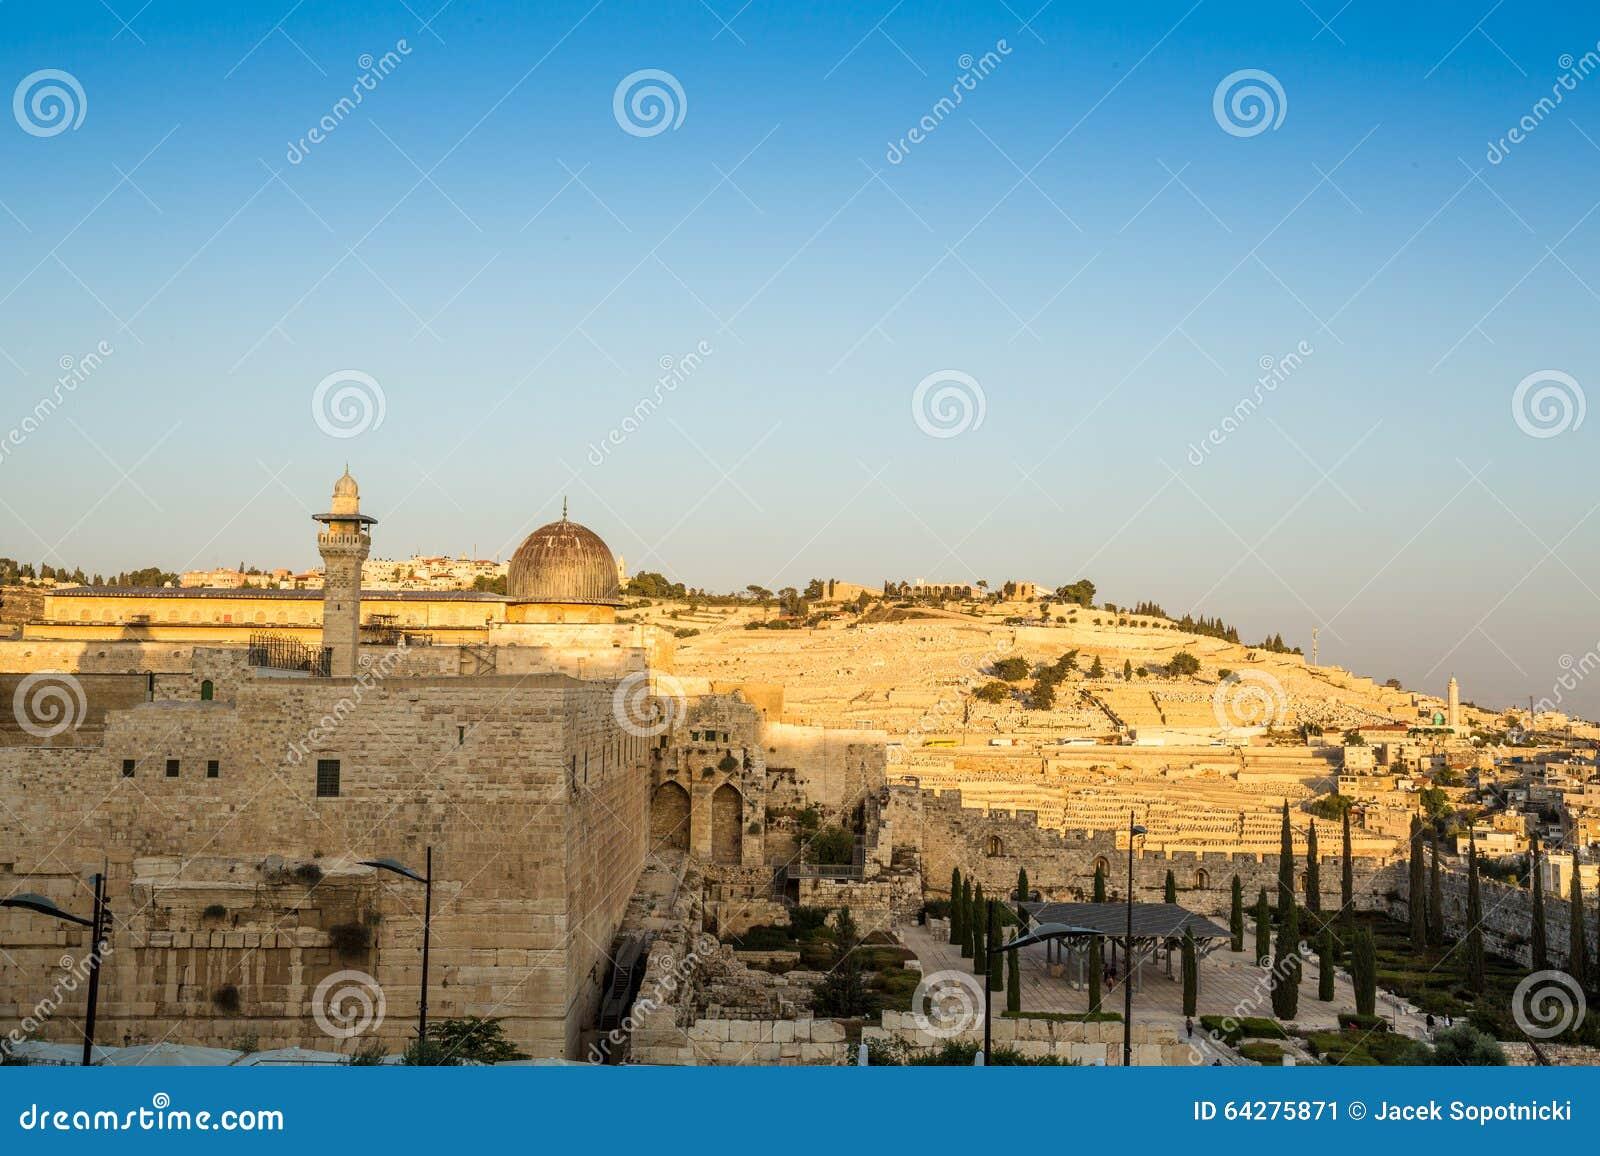 Селком израиль